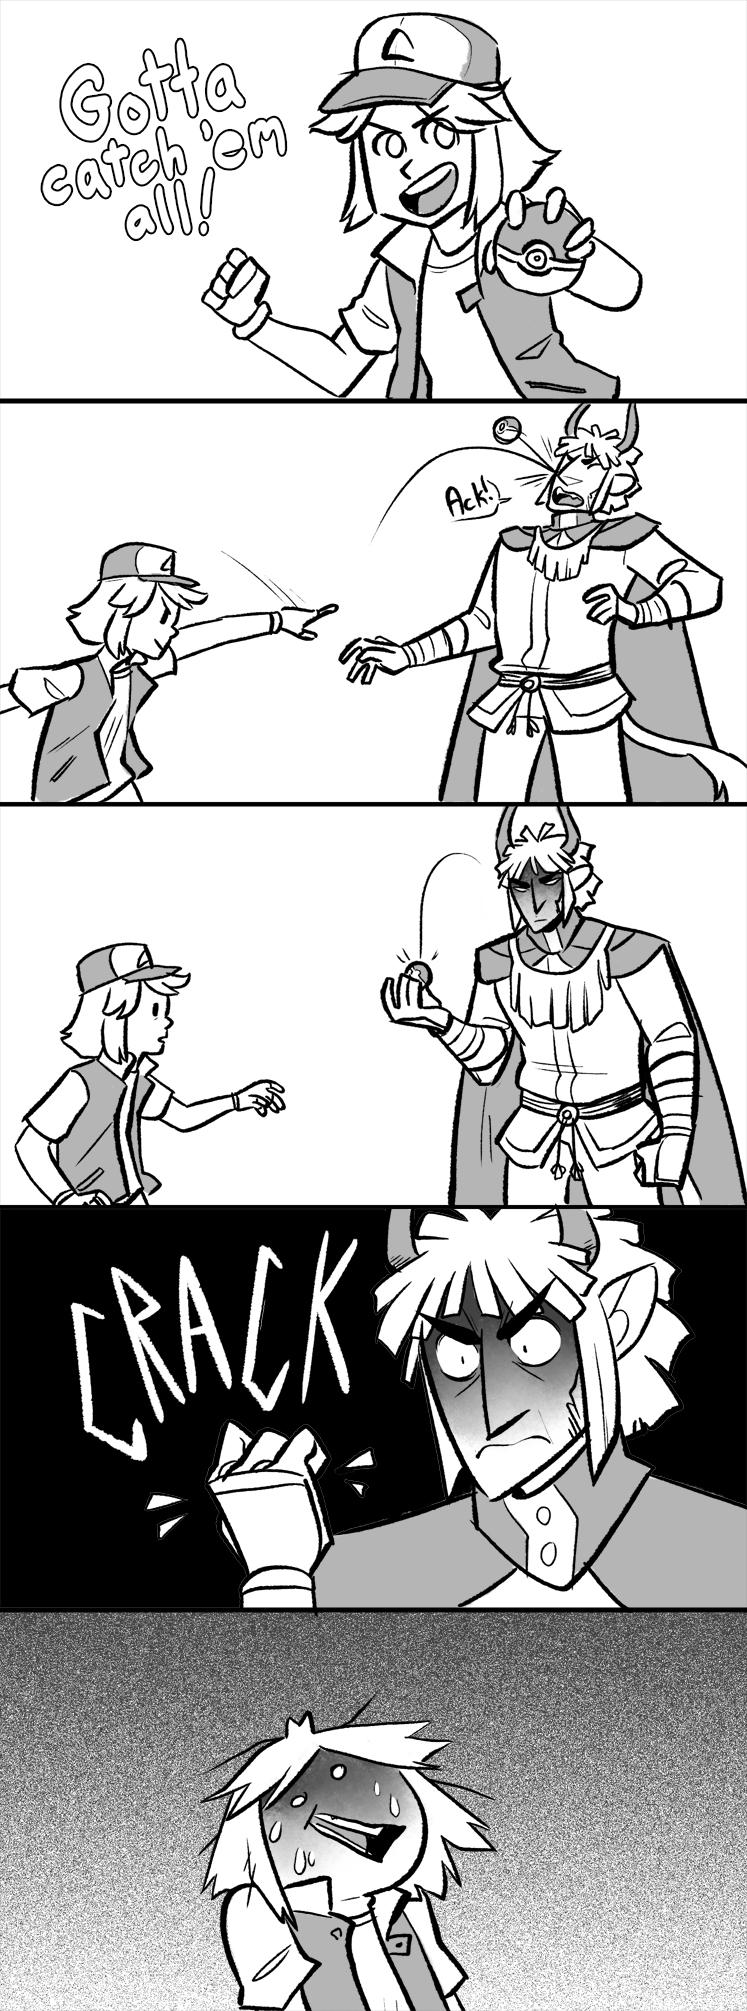 Catch 'Em All by DruidTeeth